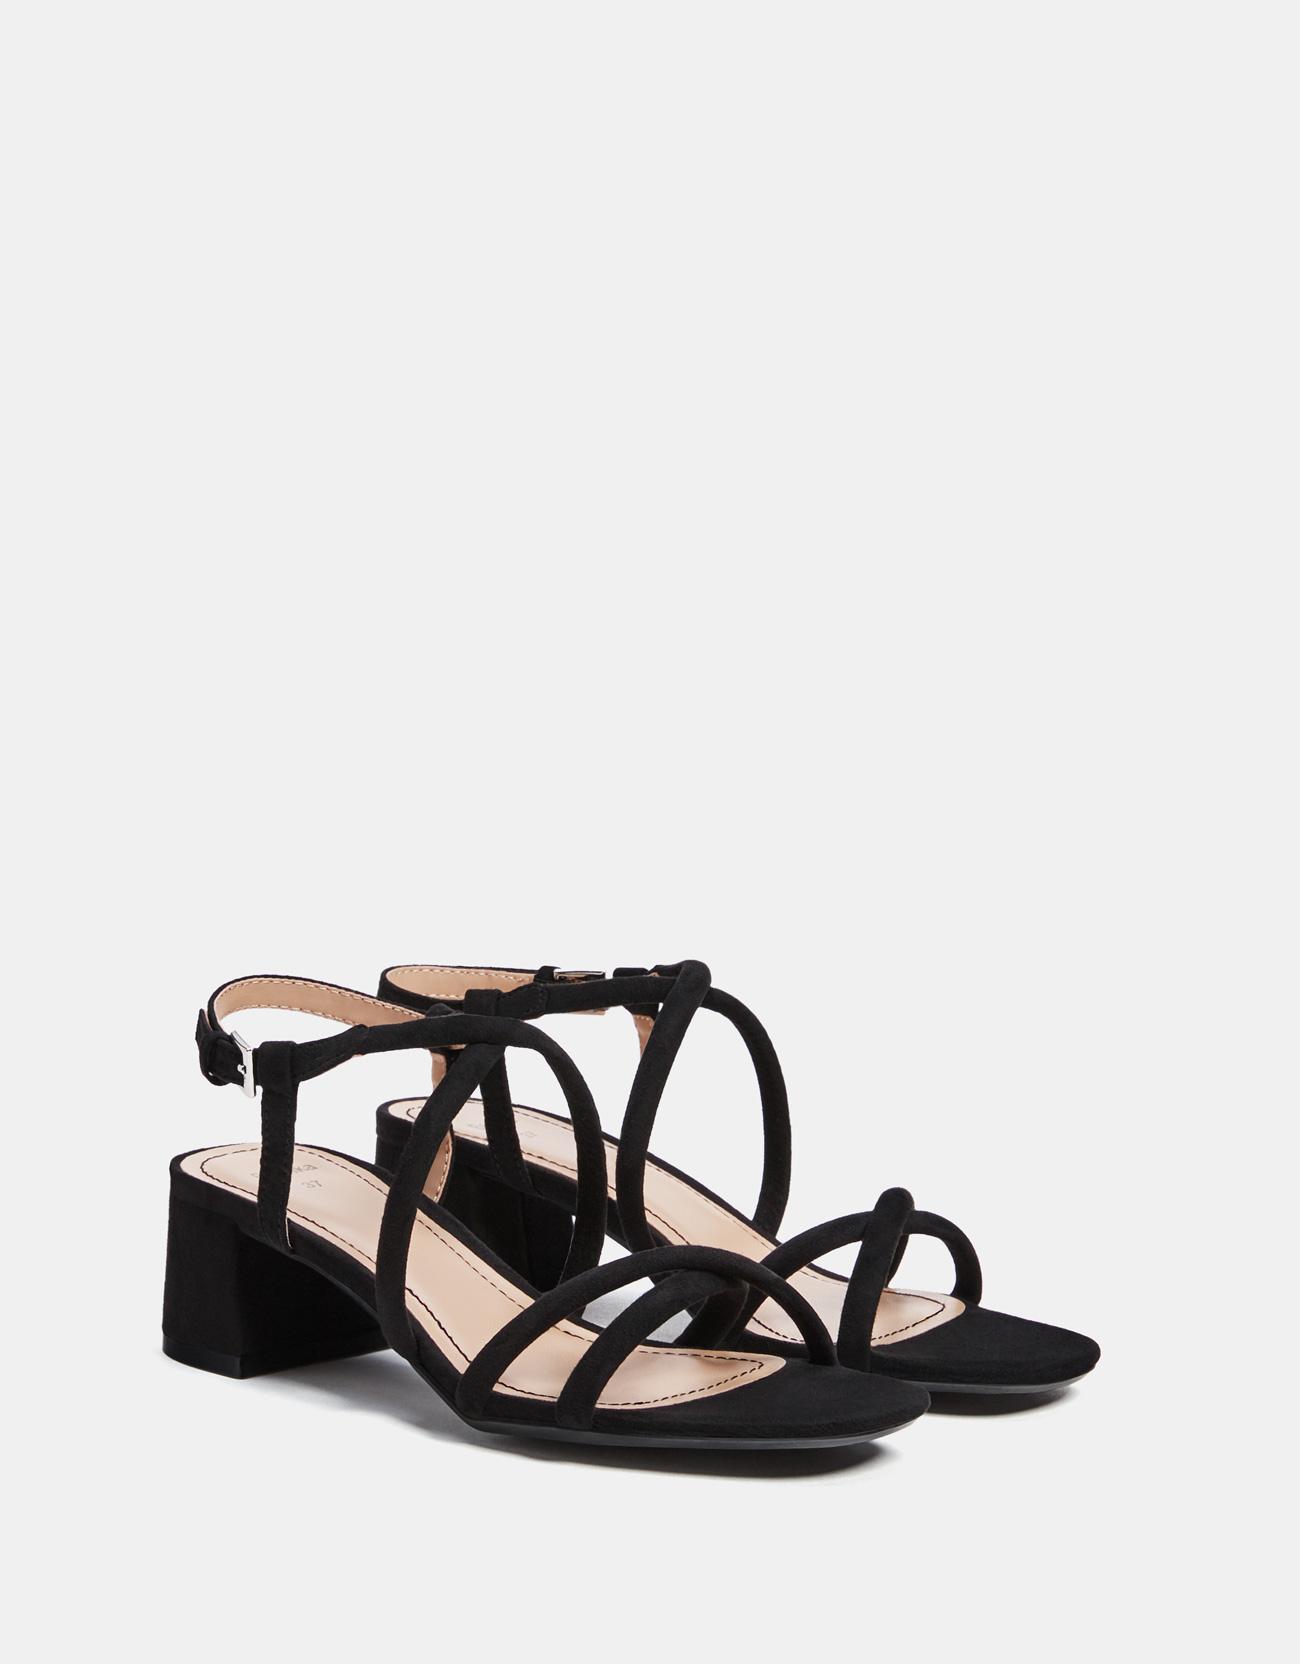 Sandale mit schlauchförmigen Riemchen